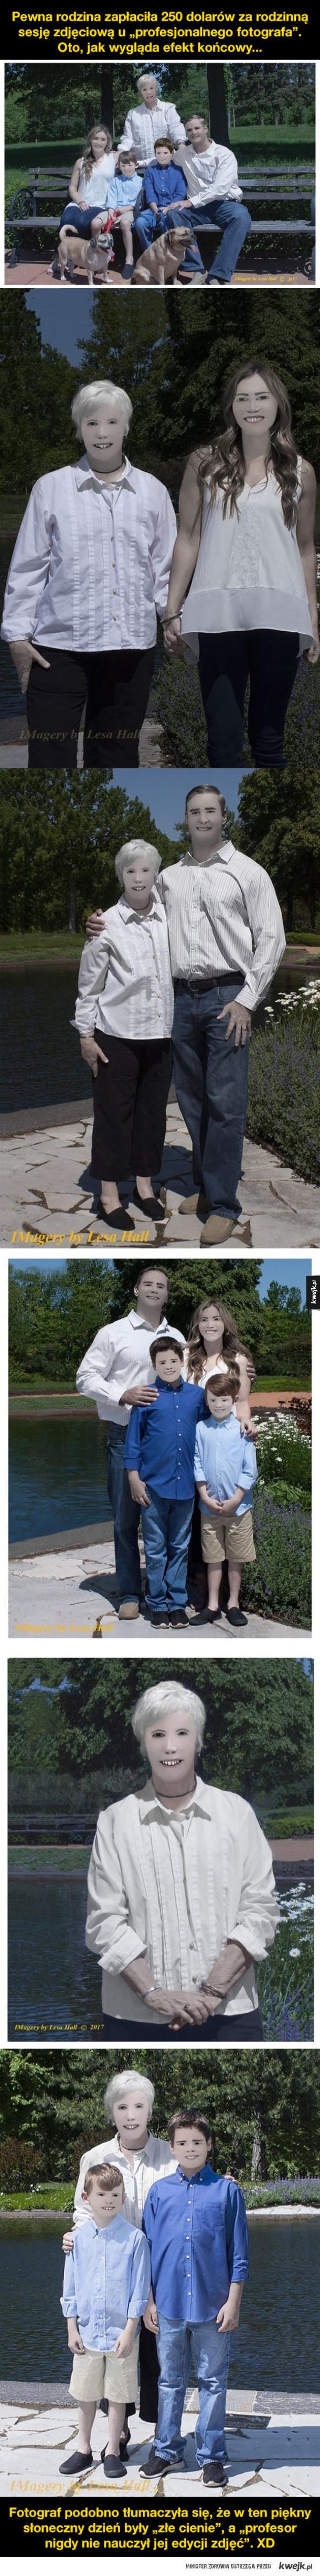 Wspaniała sesja zdjęciowa pewnej rodziny